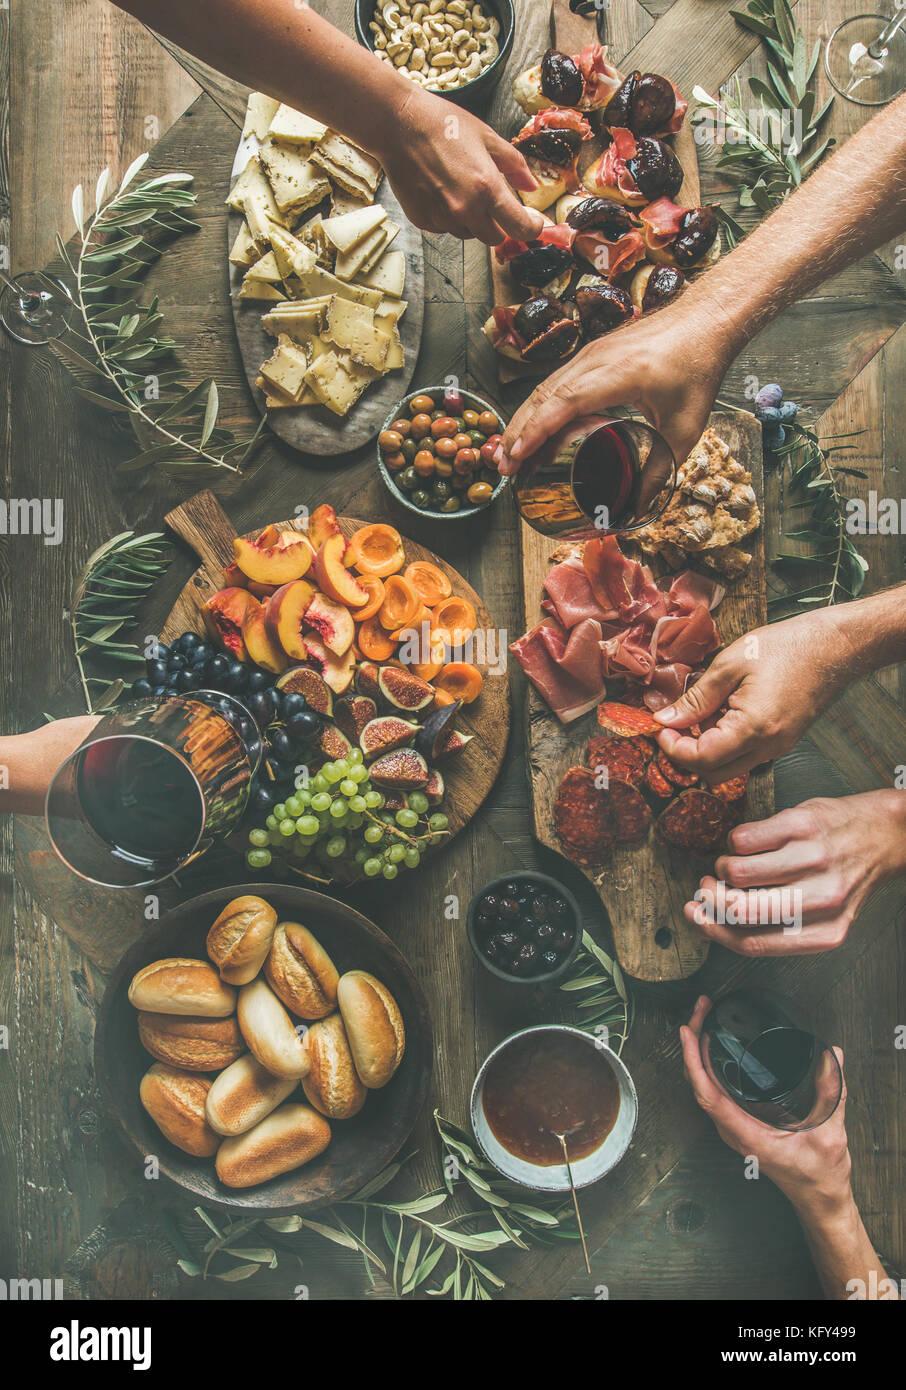 Plano de laicos amigos manos comiendo y bebiendo juntos Foto de stock